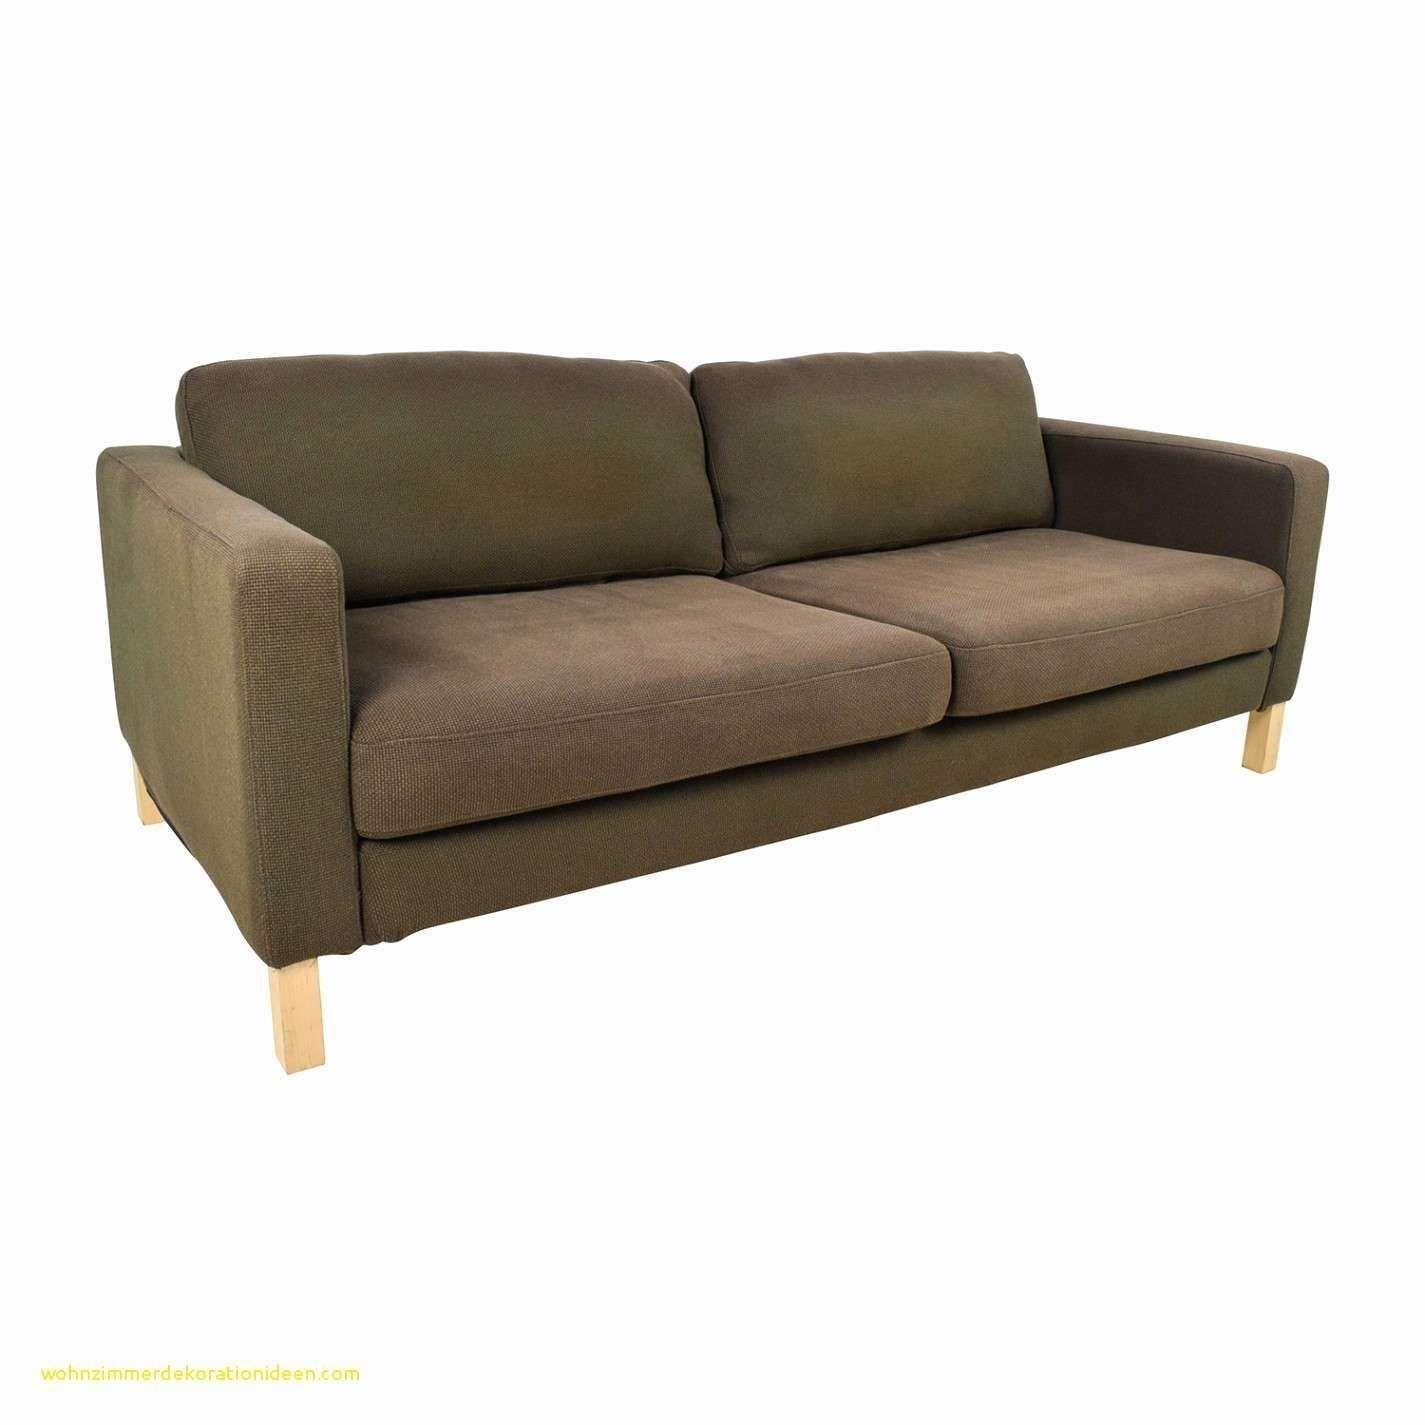 3 Sitzer Sofa Mit Bettfunktion Ledersofa Ausziehbar Inspirierend 2 Amp 3 Sitzer Sofa Line Kaufen In 2020 Ikea Sofa Ikea Norsborg Sofa Sofa